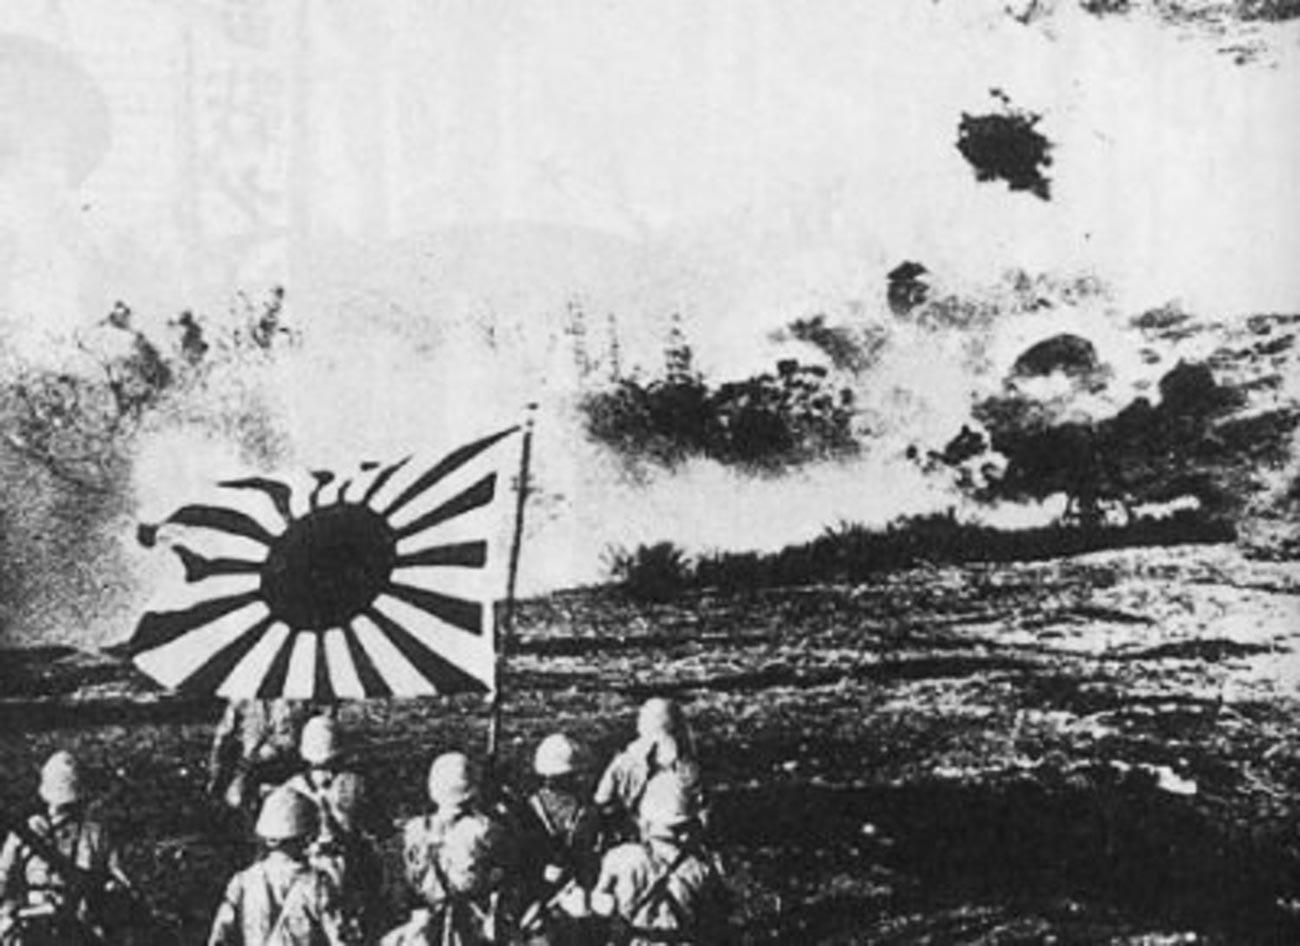 La fuerza de desembarco naval japonesa volando un fortín chino y marchando con la bandera naval durante la Operación Cantón